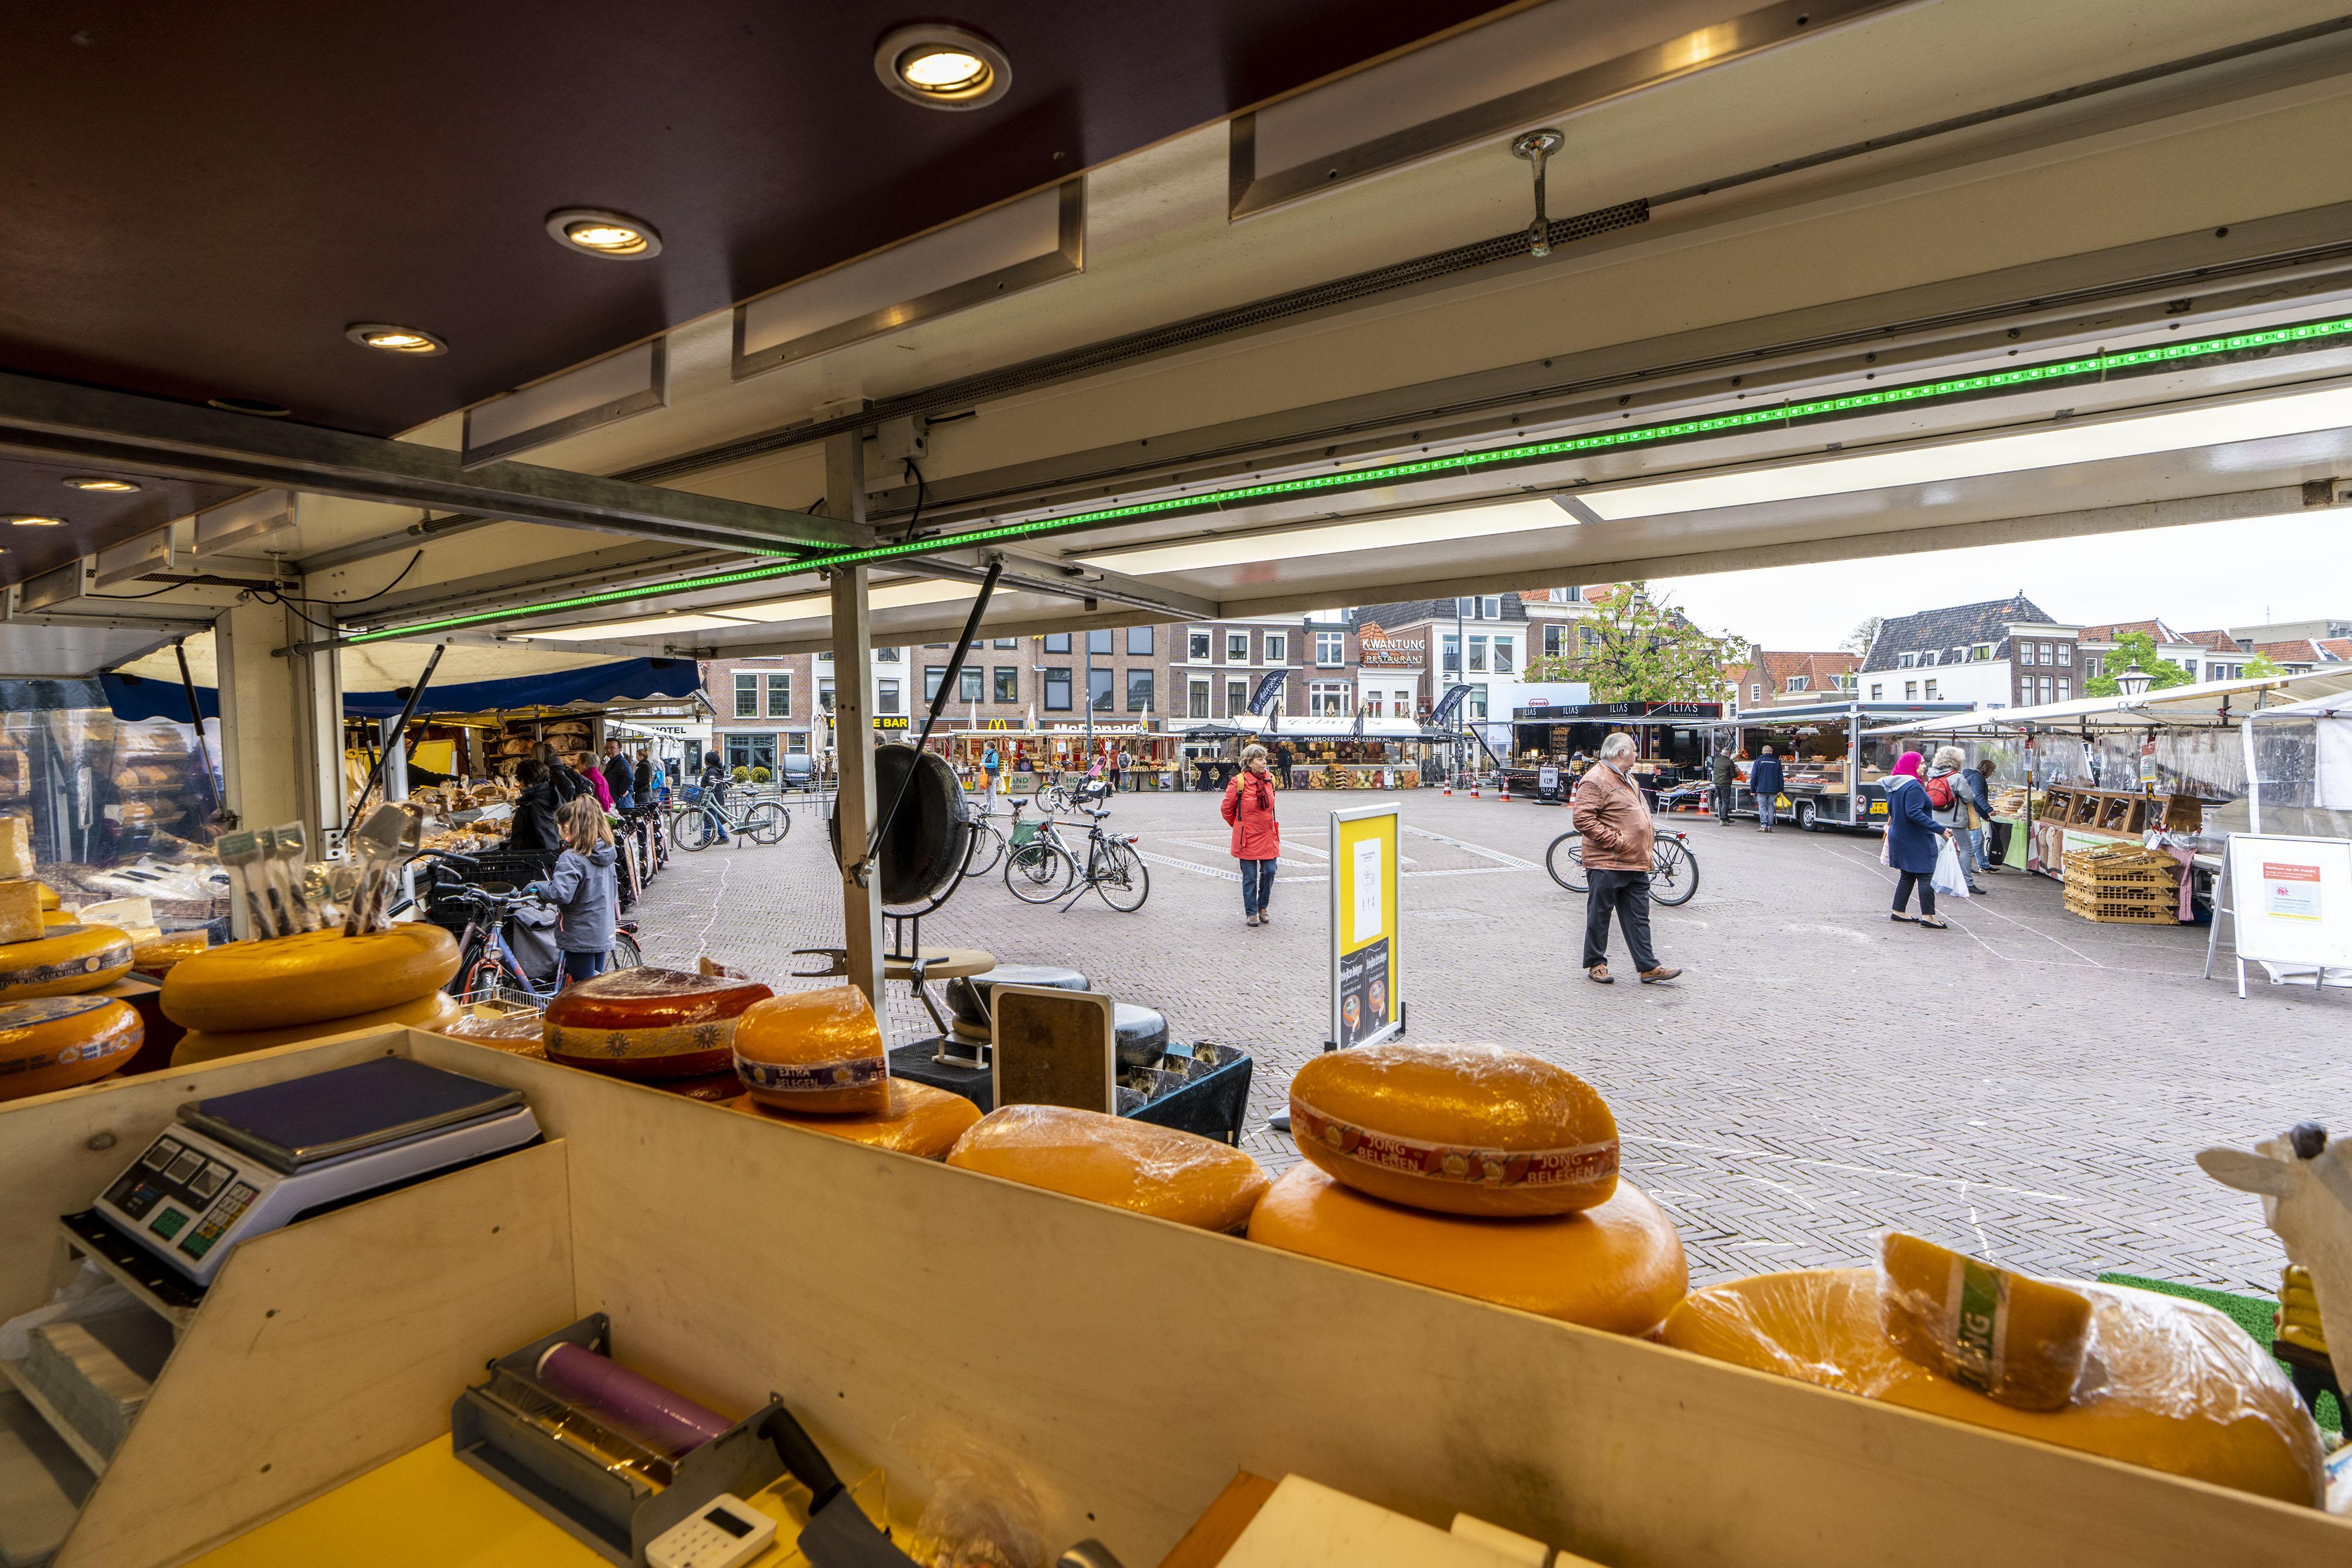 Woensdagmarkt keert terug, maar zaterdagse markt blijft voorlopig verdeeld tussen Beestenmarkt en Lammermarkt